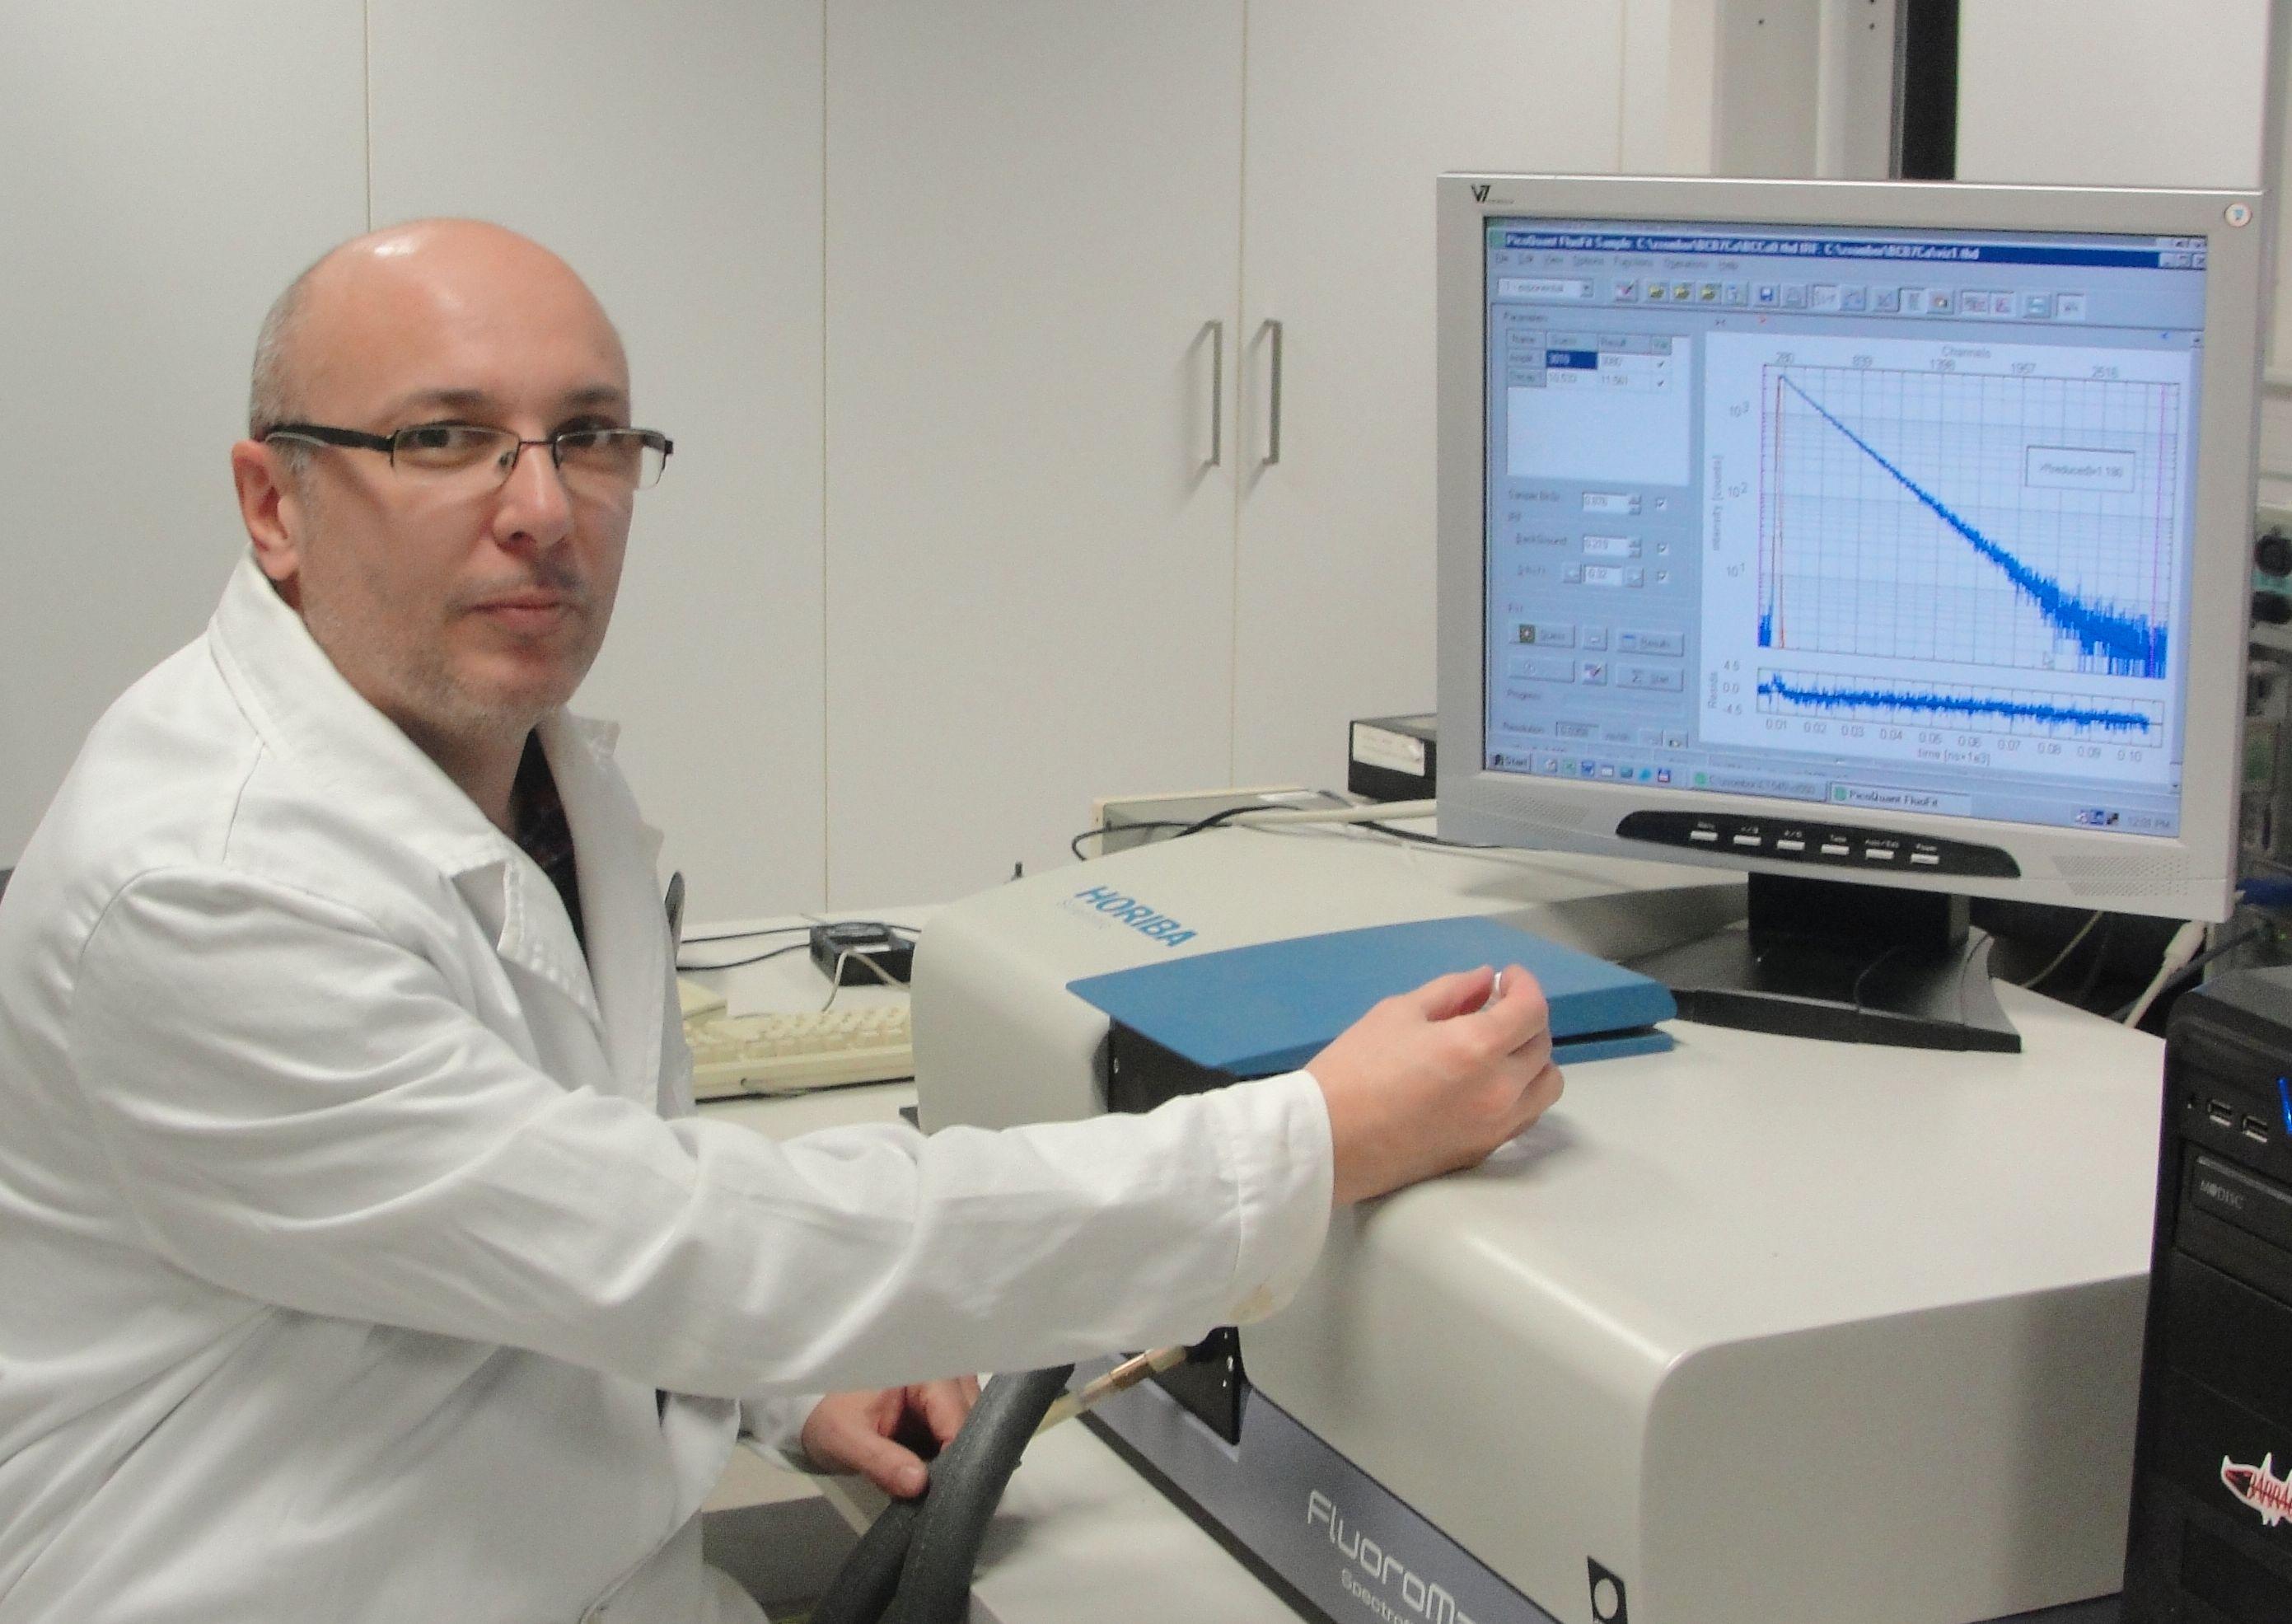 Mérési módszer szabályozható gyógyszerhatóanyag-leadást biztosító készítmények tervezéséhez